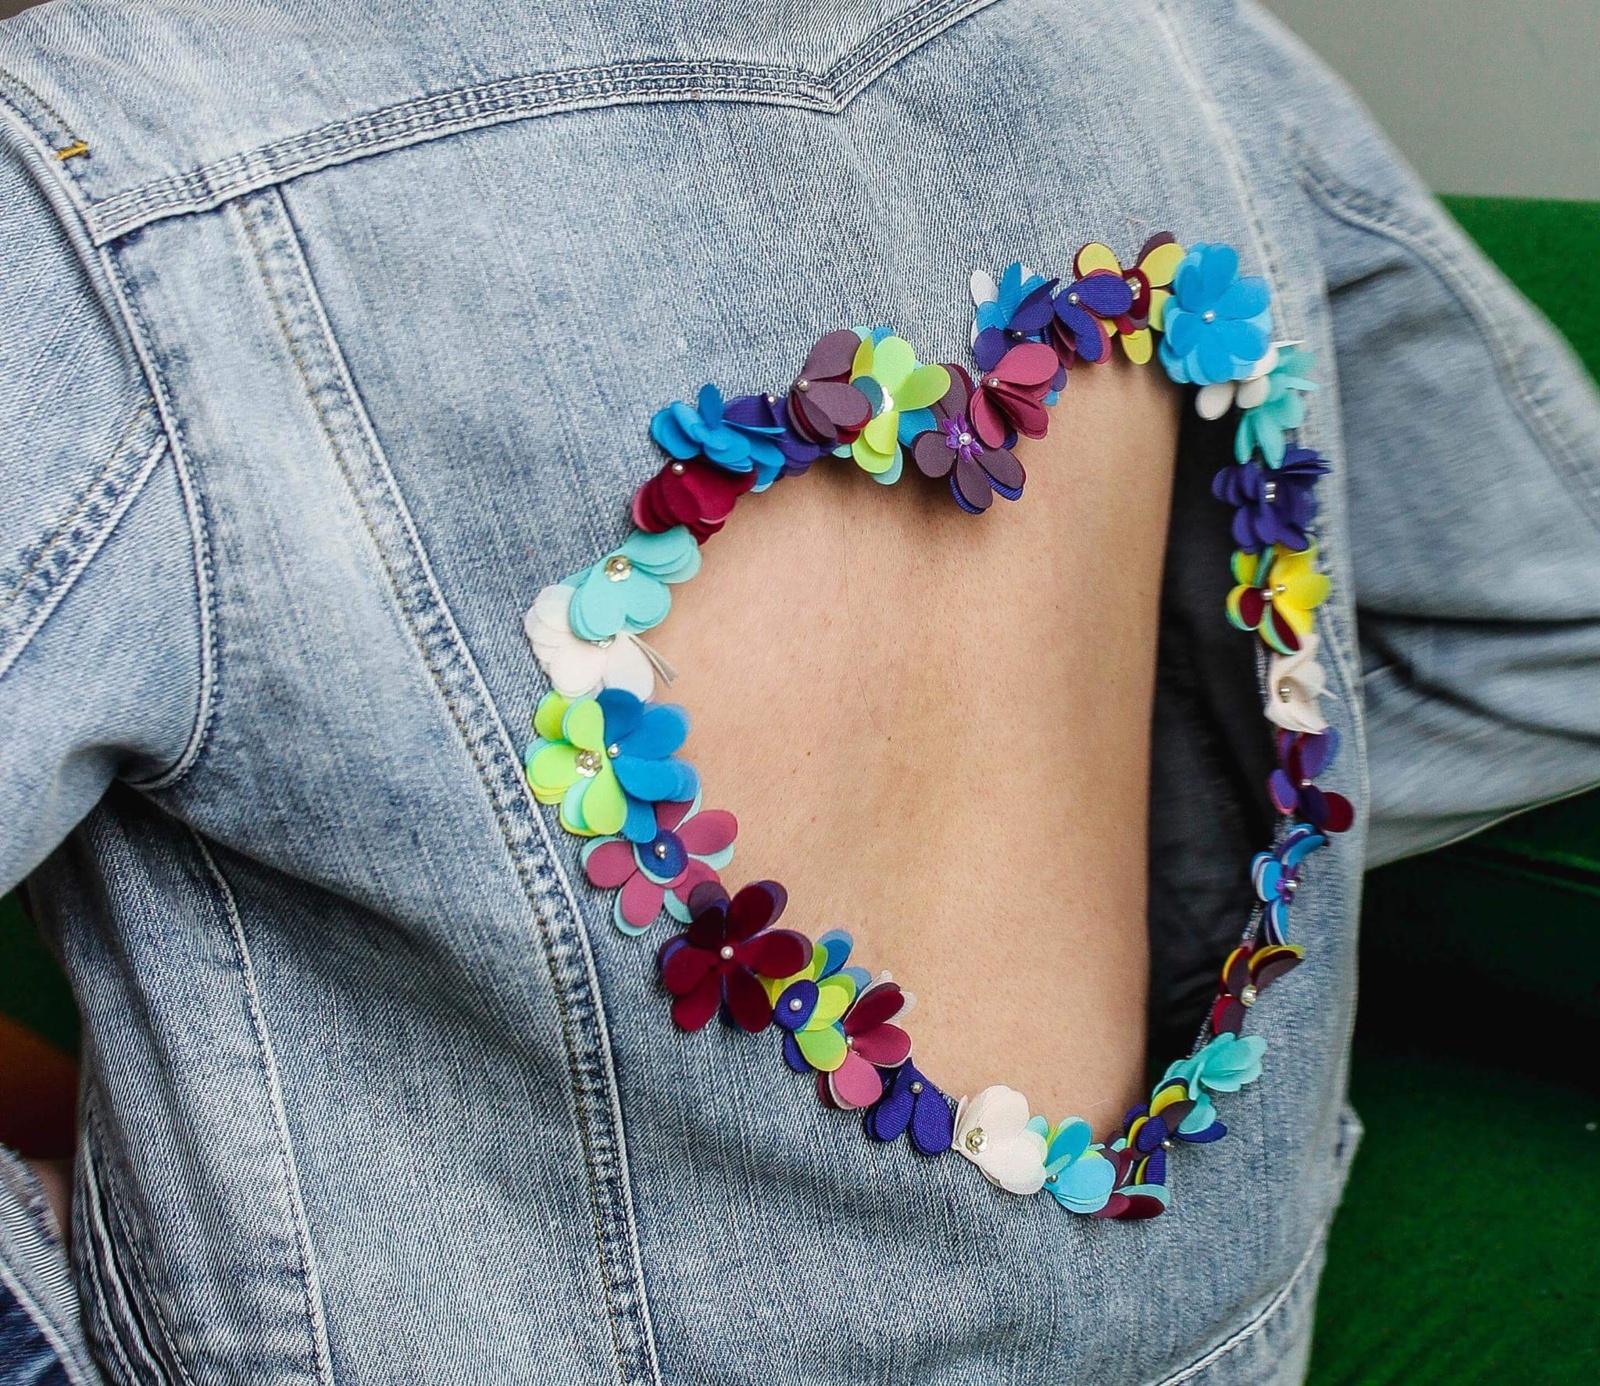 7 būdai, padėsiantys prikelti seną džinsinį rūbą naujam gyvenimui